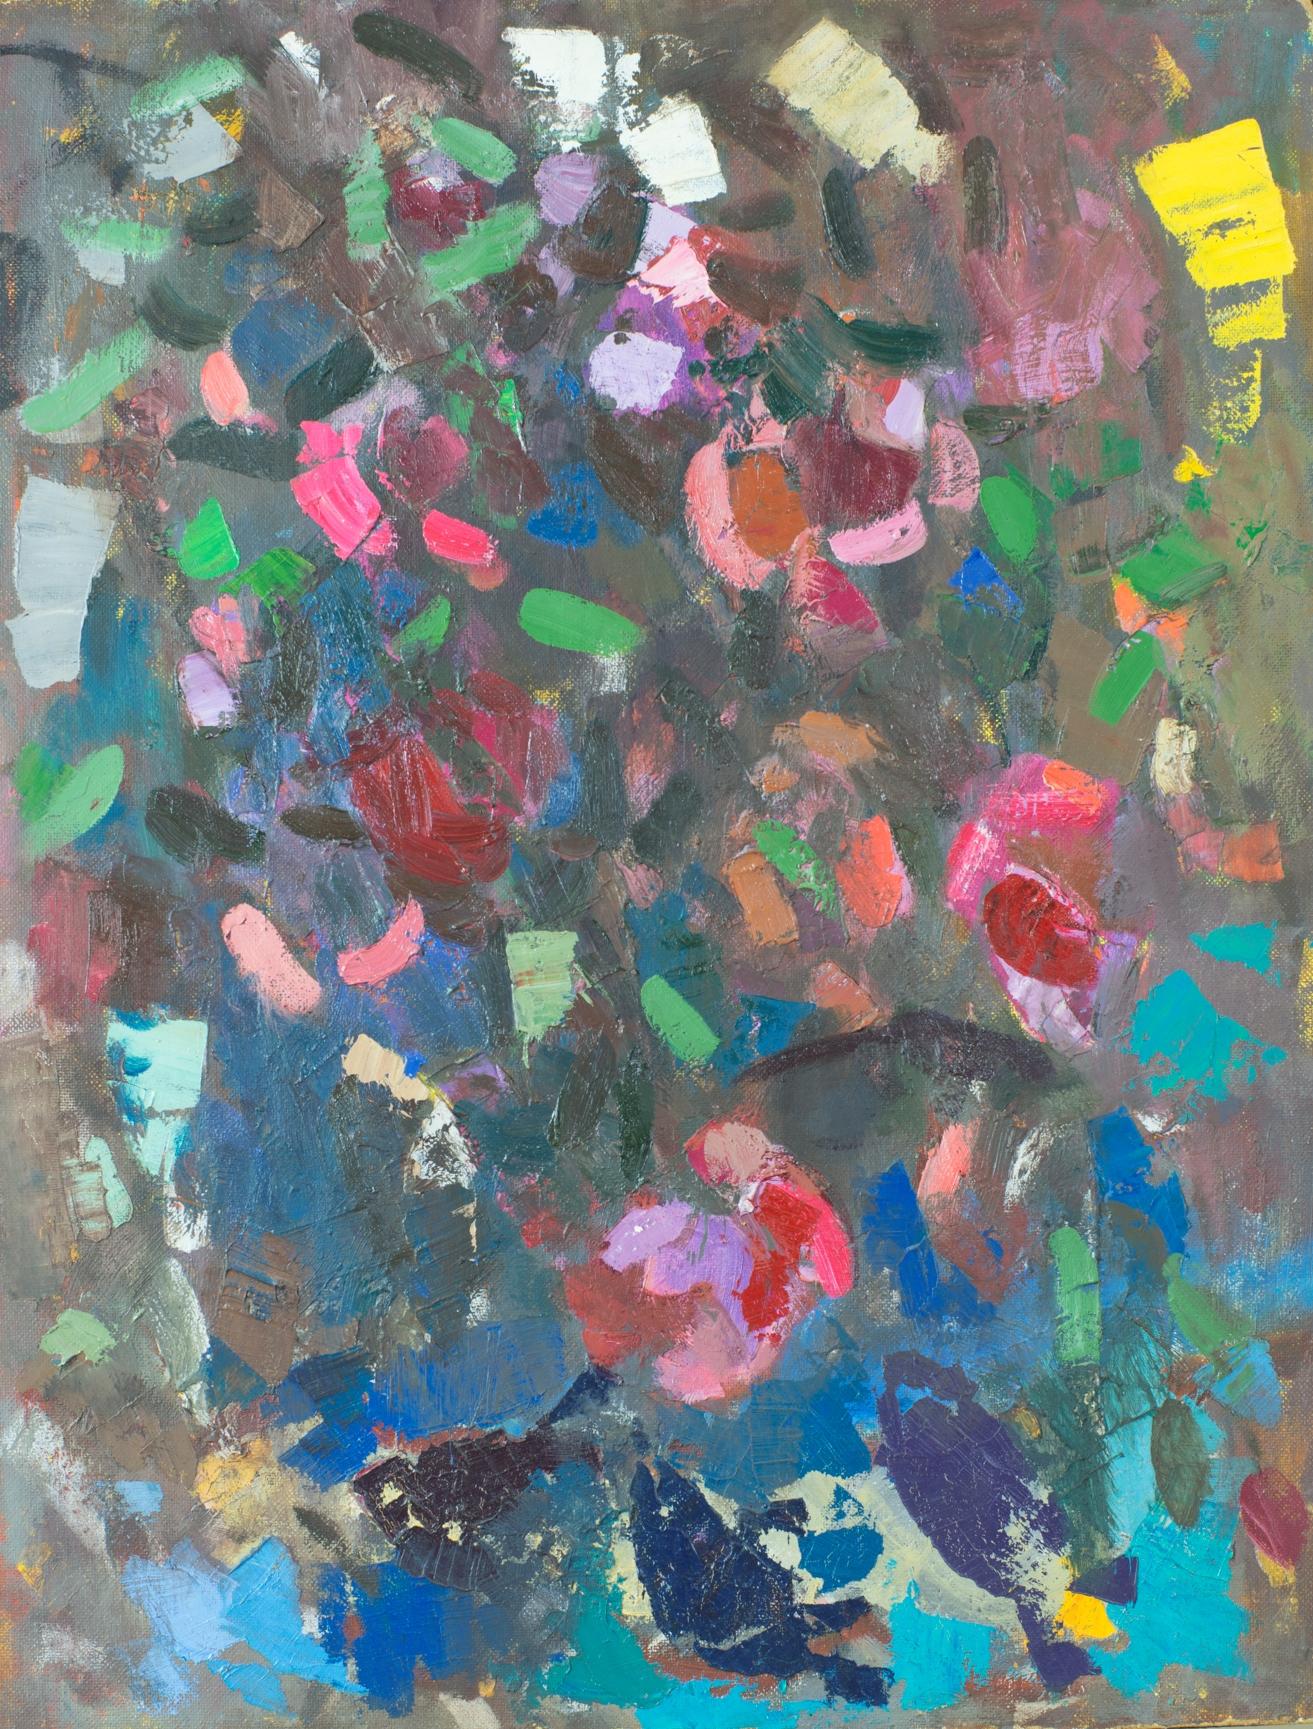 Рыбы и шаартузские розы. 1993. Оргалит, масло. 83х72. Из собрания Фонда Марджани.jpg